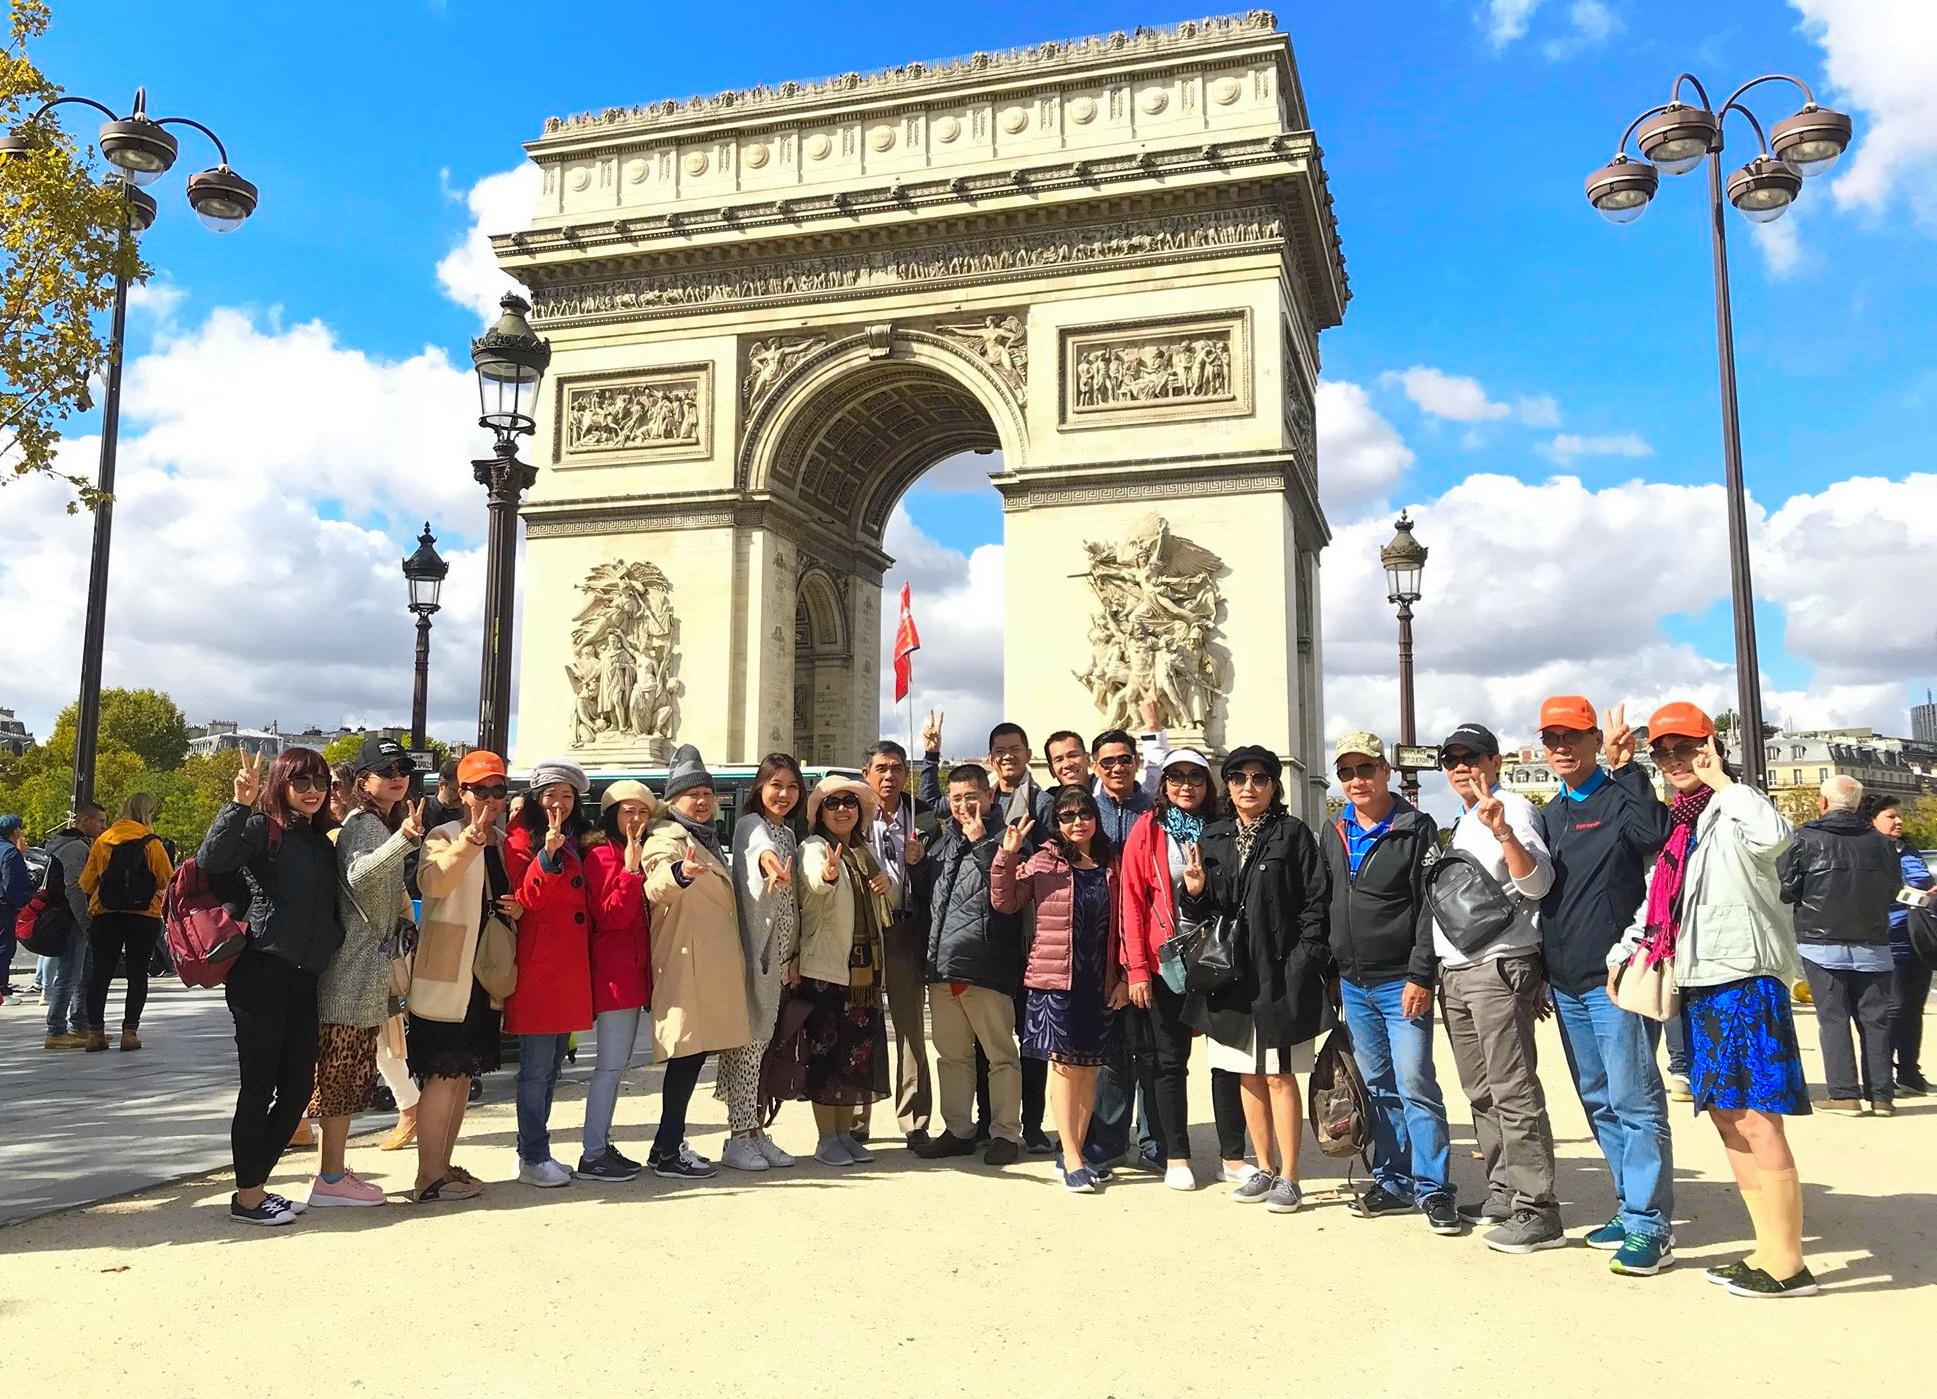 Hưởng ứng ngày hội du lịch tp.hcm 2019, Giảm đến 1,5 triệu đồng khi đăng ký tour tại tst tourist